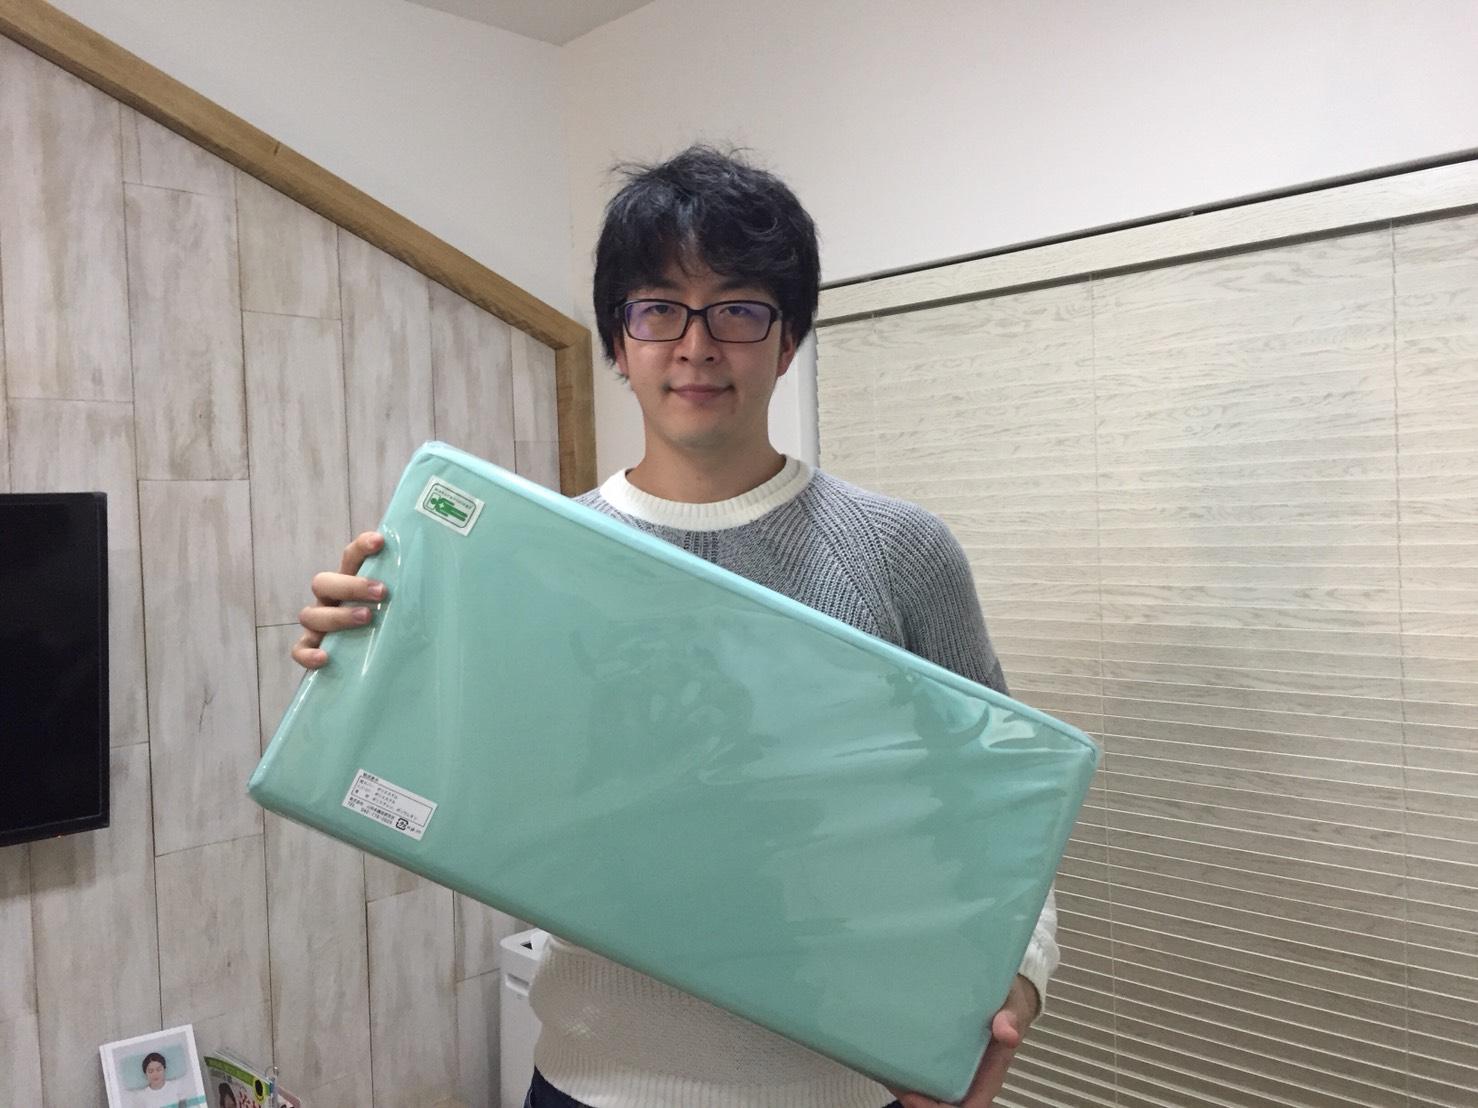 【オーダーメイド枕】山田朱織枕研究所の整形外科枕を購入したので使用感とともにレビューします。